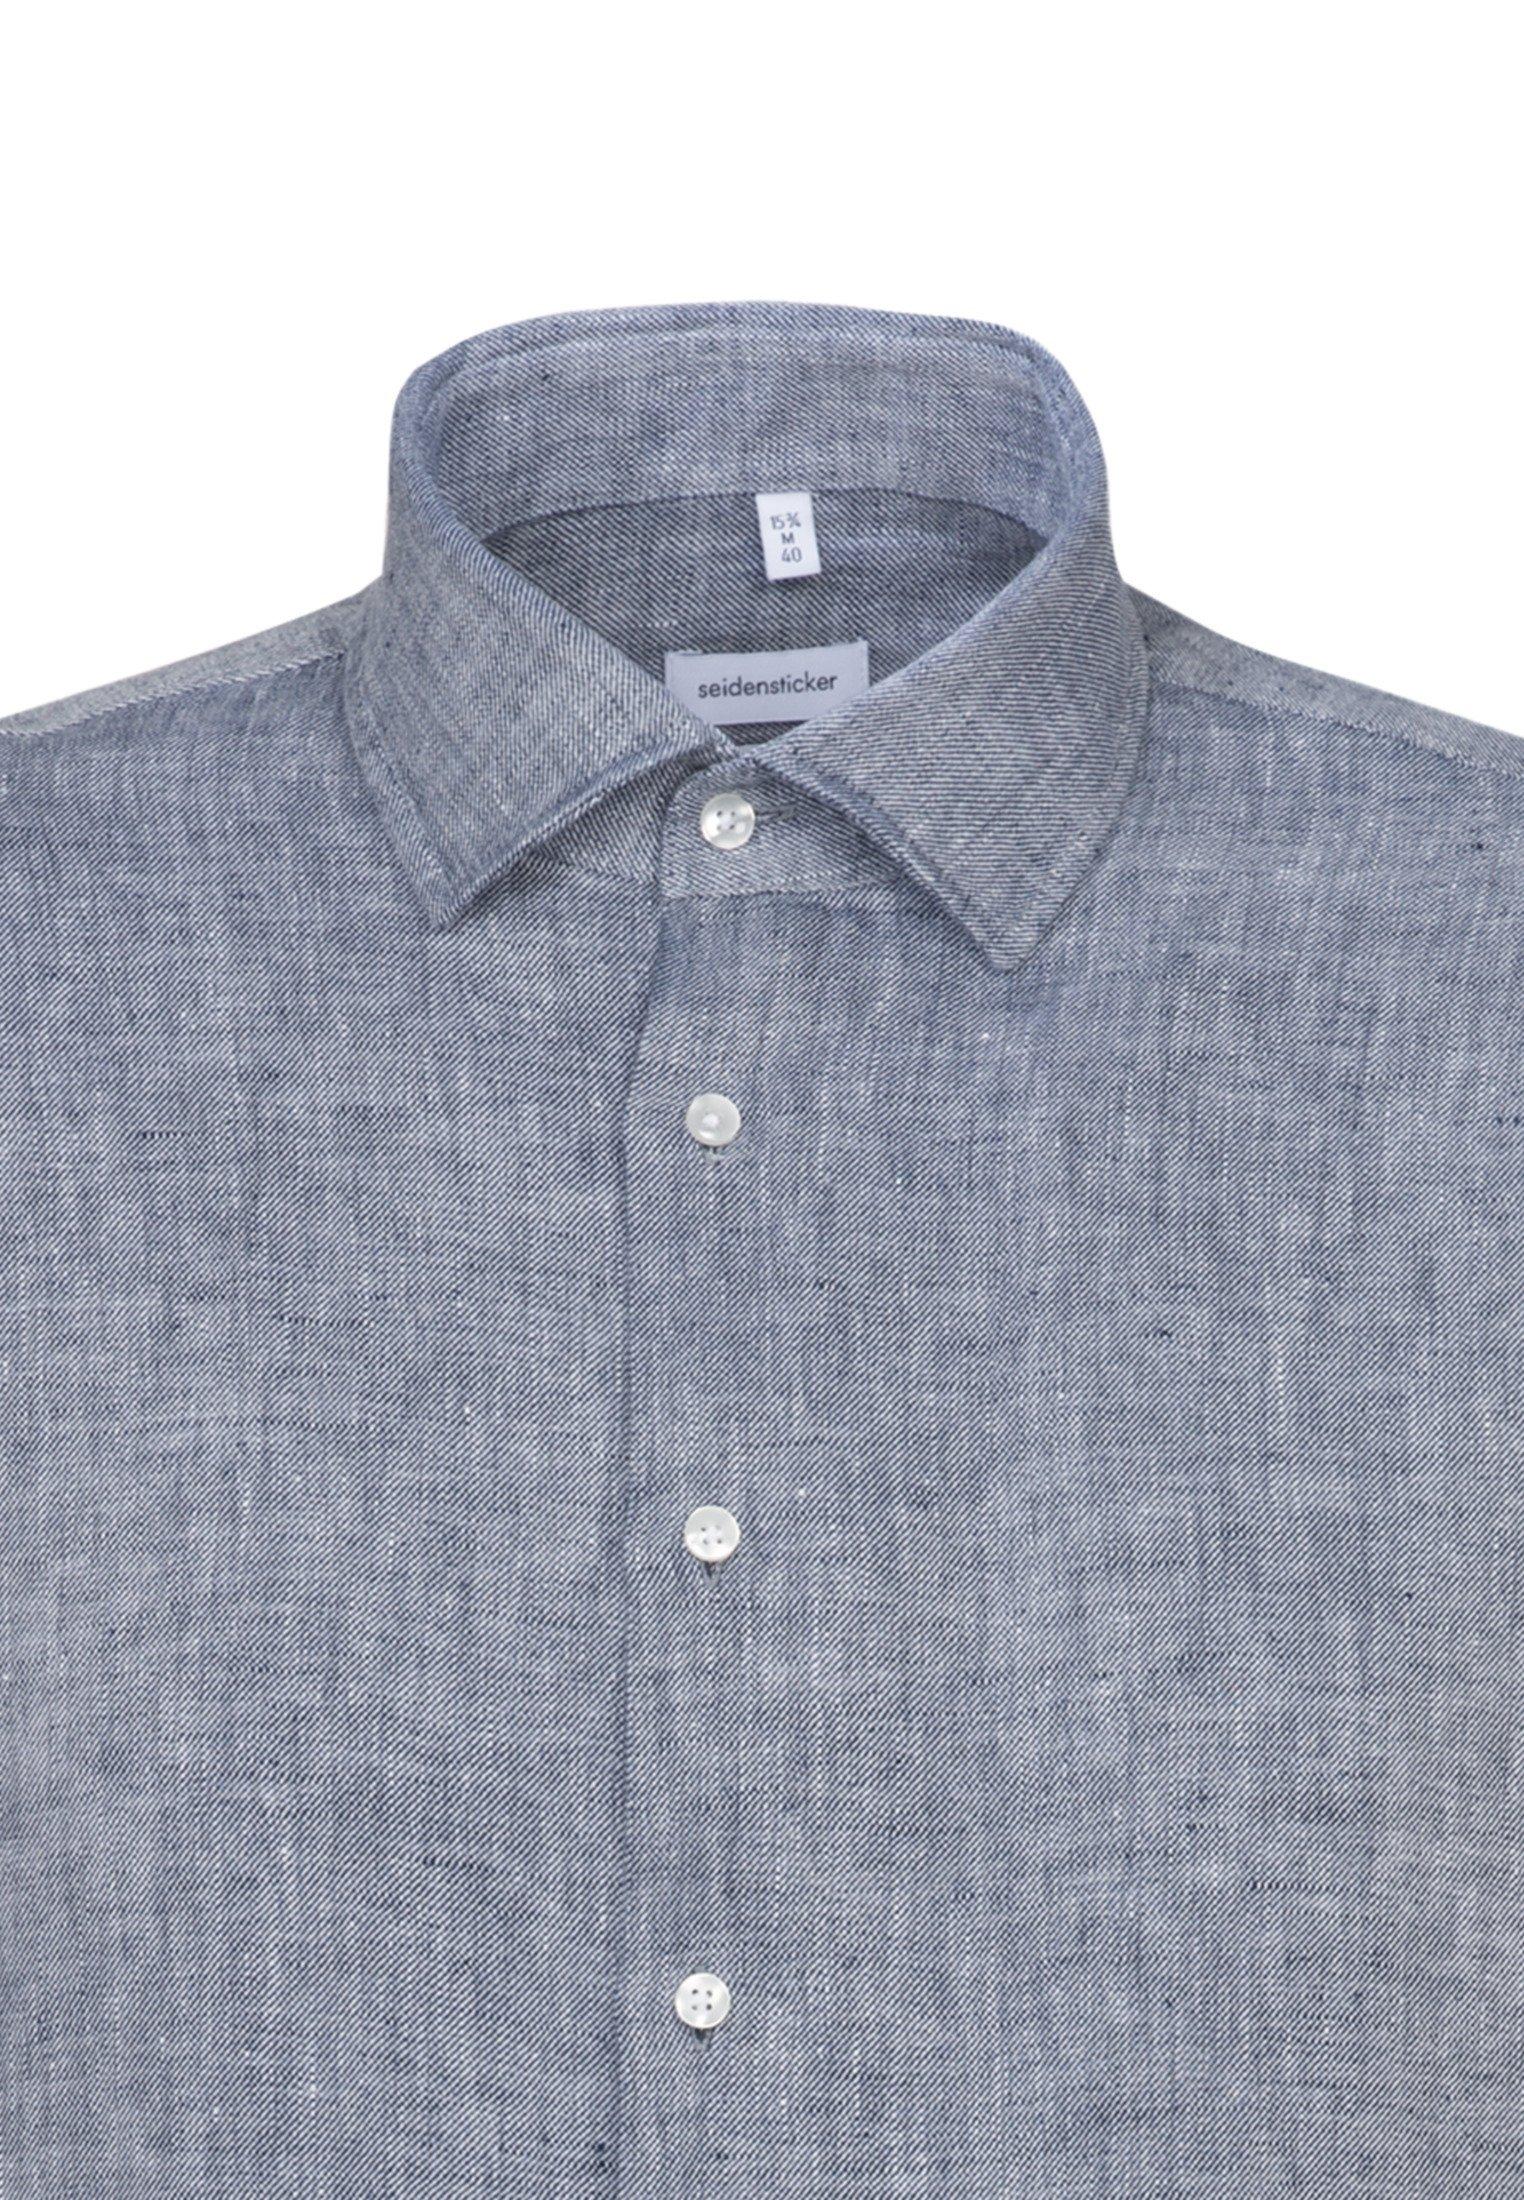 Seidensticker SLIM FIT - Koszula biznesowa - blau - Odzież męska 2020